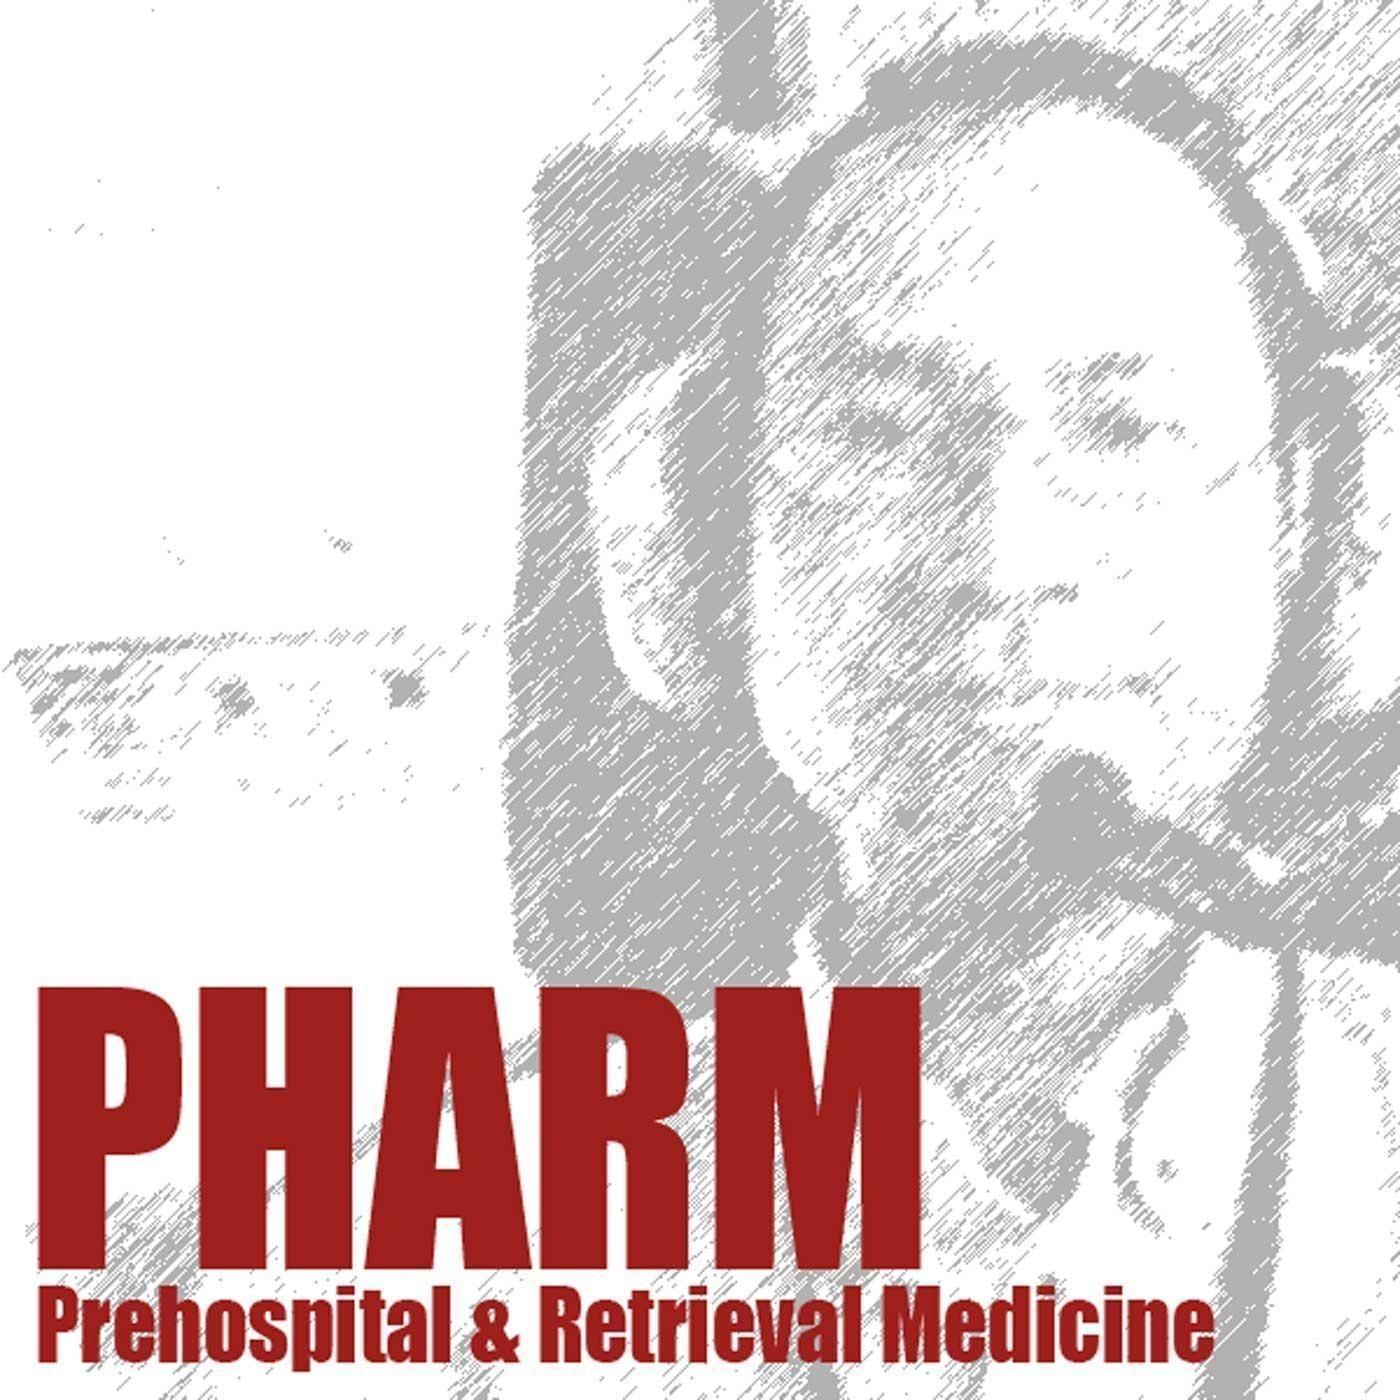 PHARM: Prehospital and Retrieval Medicine Podcast